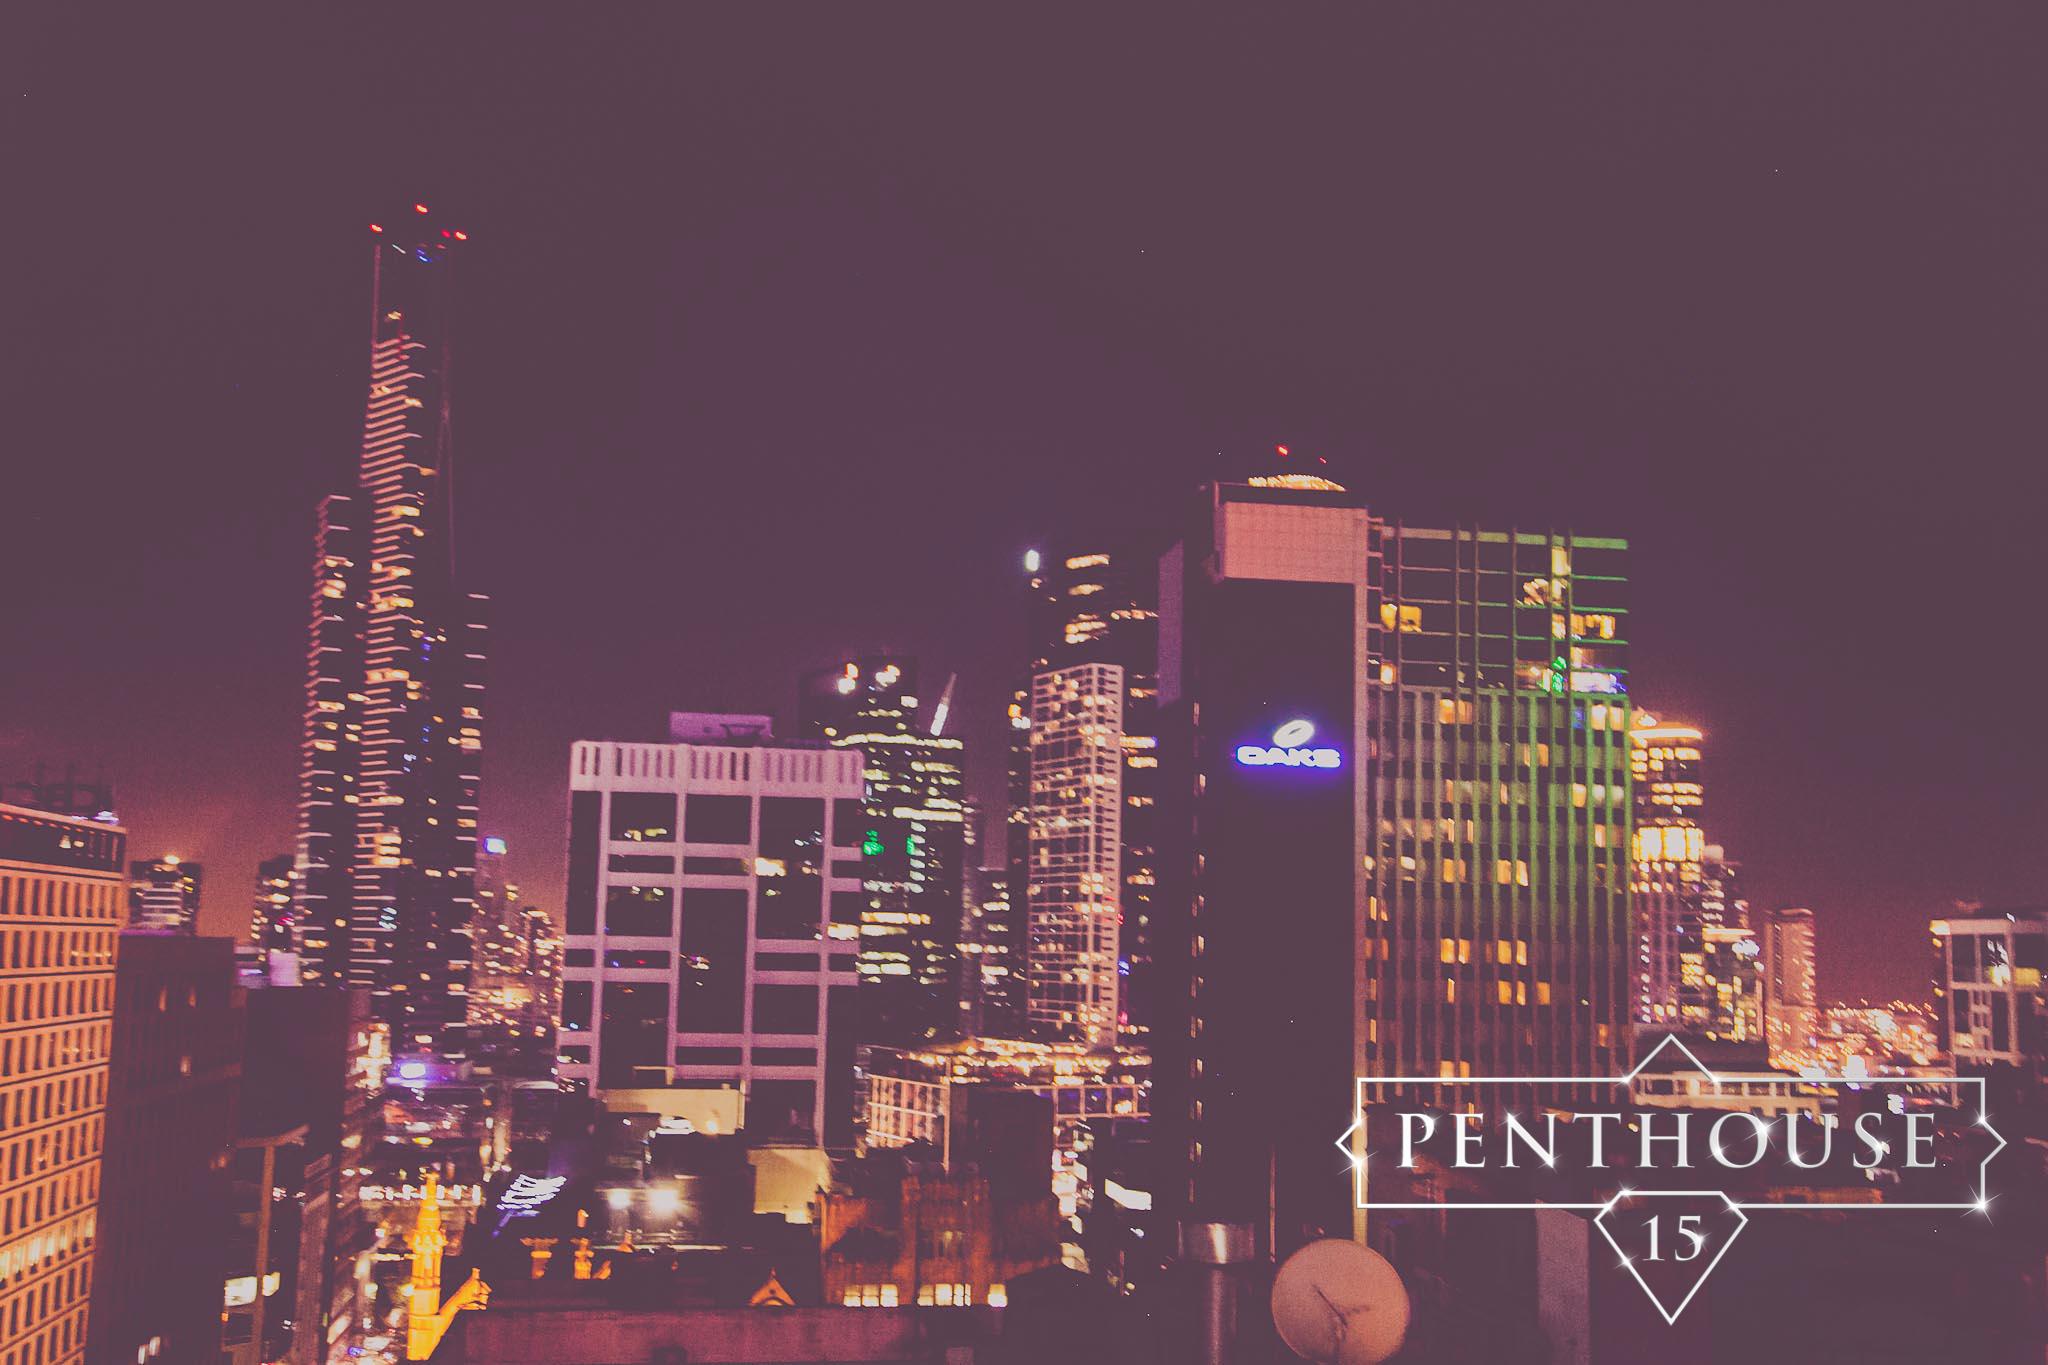 Penthouse_cream_0159.jpg